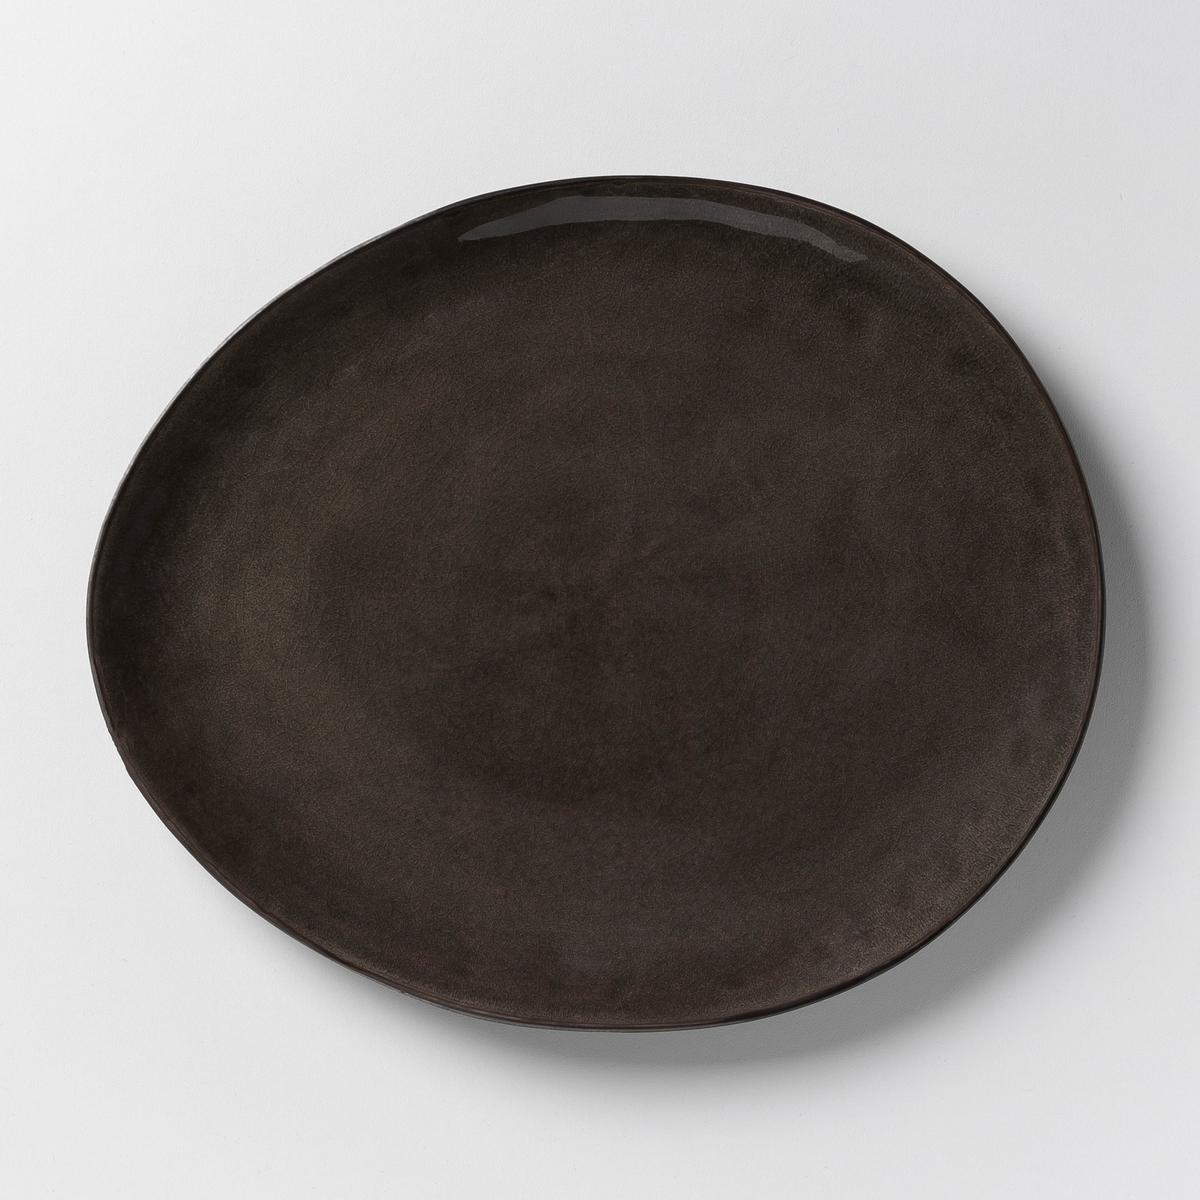 Комплект из 2 мелких тарелок Pure, дизайн П. Нессенса, SeraxГотовка восхитительных блюд в красивой керамической посуде придает романтизма и способствует хорошему настроению. Паскаль Нессенс создал Pure, свою первую коллекцию столовых сервизов. Чистое воплощение аутентичности и теплоты, рожденные из органических форм и натуральных материалов.     Характеристики : - Из керамики, покрытой глазурью, с эффектом раку. - Можно использовать в микроволновой печи и мыть в посудомоечной машине.    - Десертная тарелка, миска и чашка того же набора представлены на нашем сайте.          Размеры : - Ш.28 x В,2,5 x Г.24 см, овальная форма.<br><br>Цвет: серый